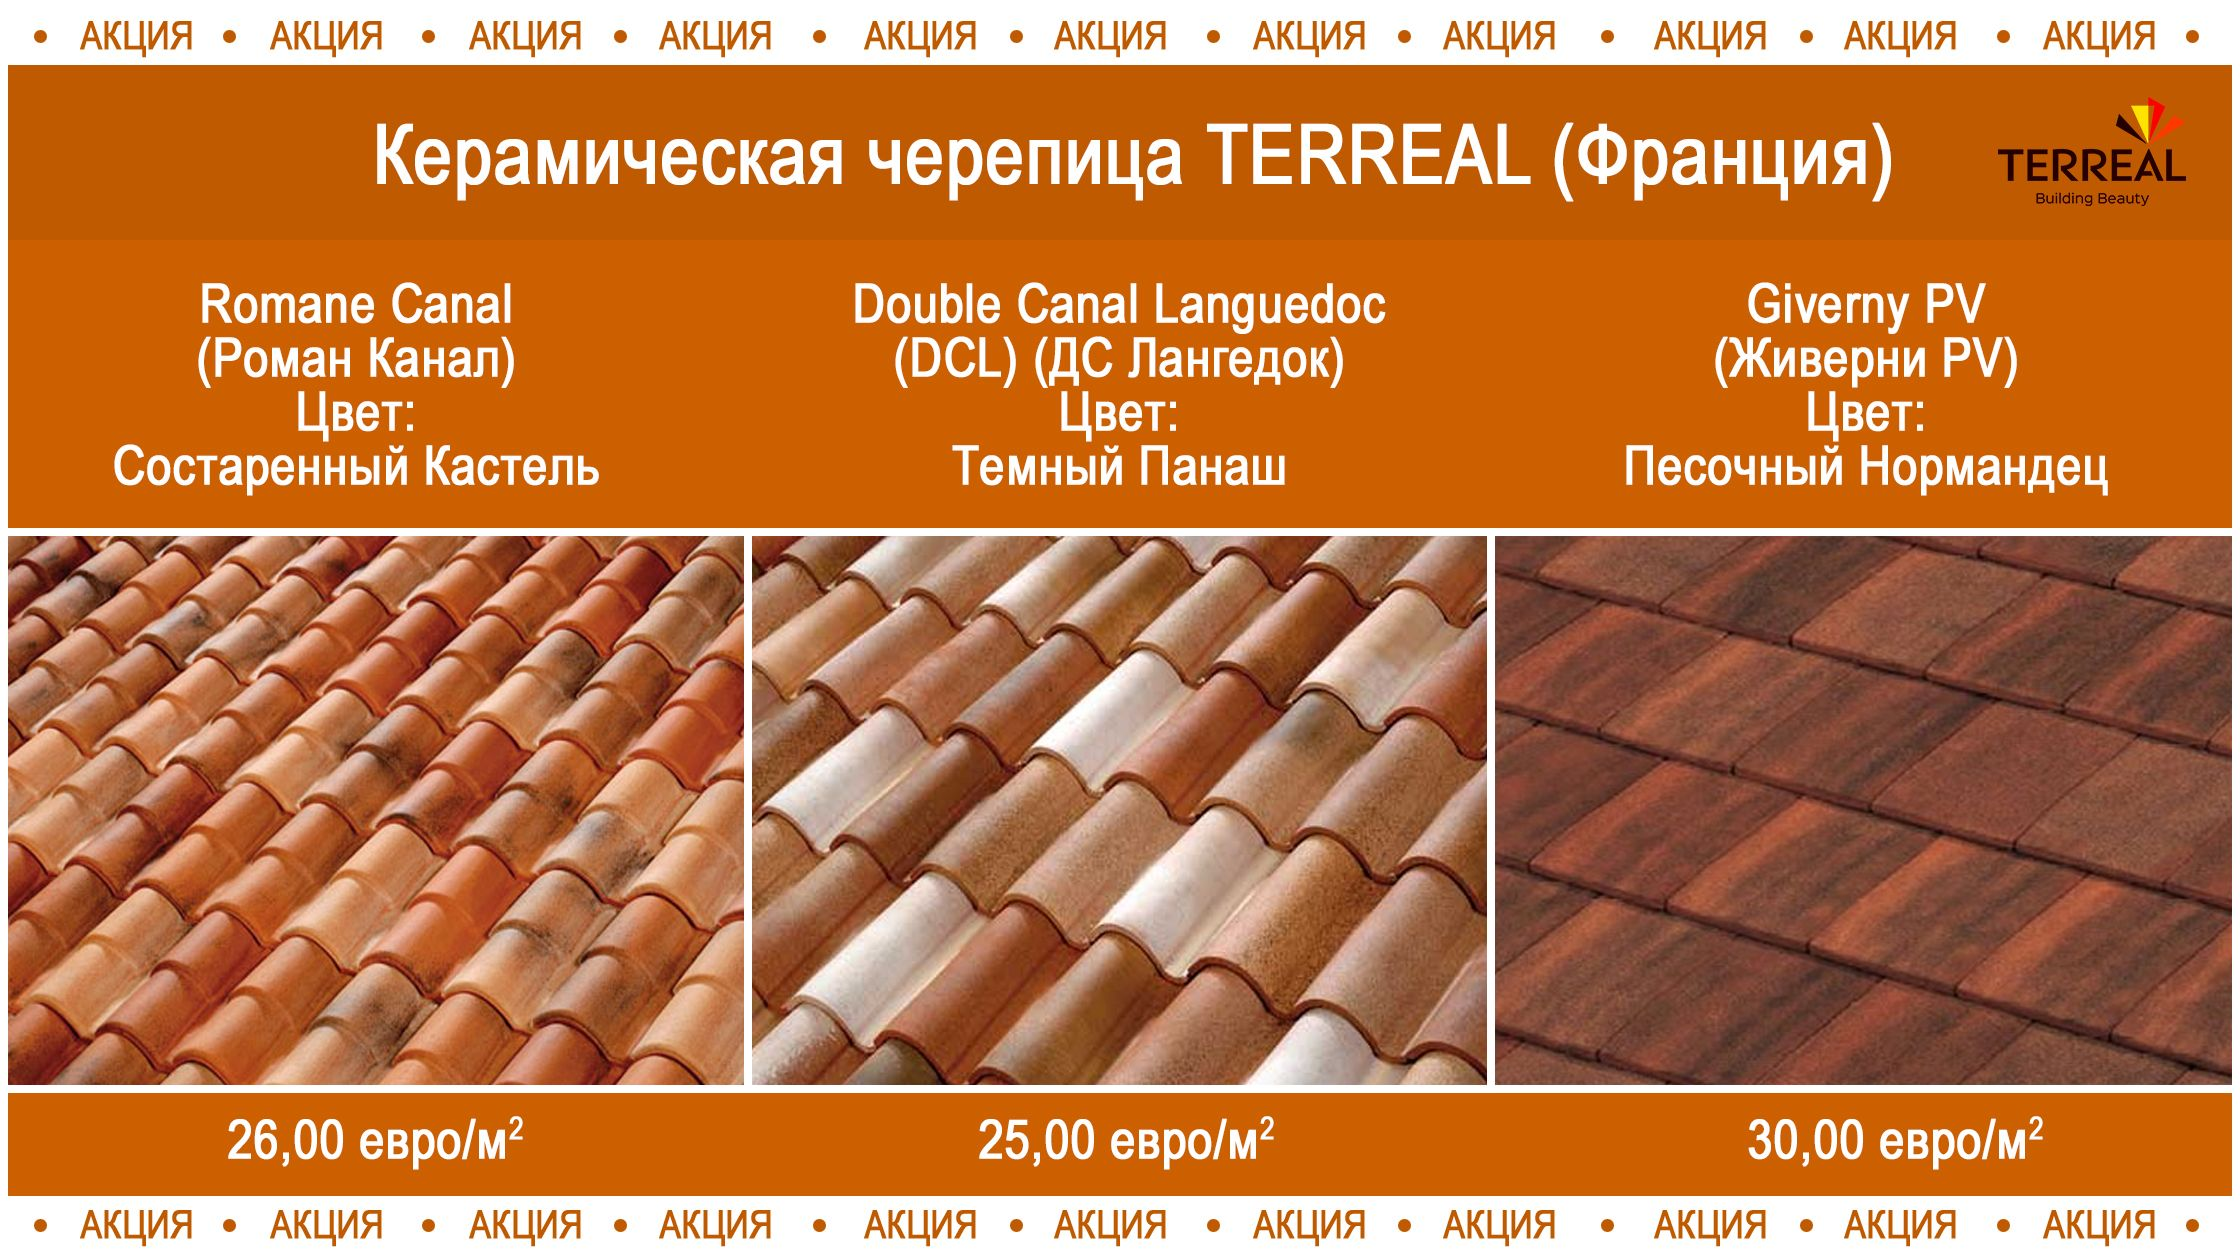 Акционные модели черепицы Terreal